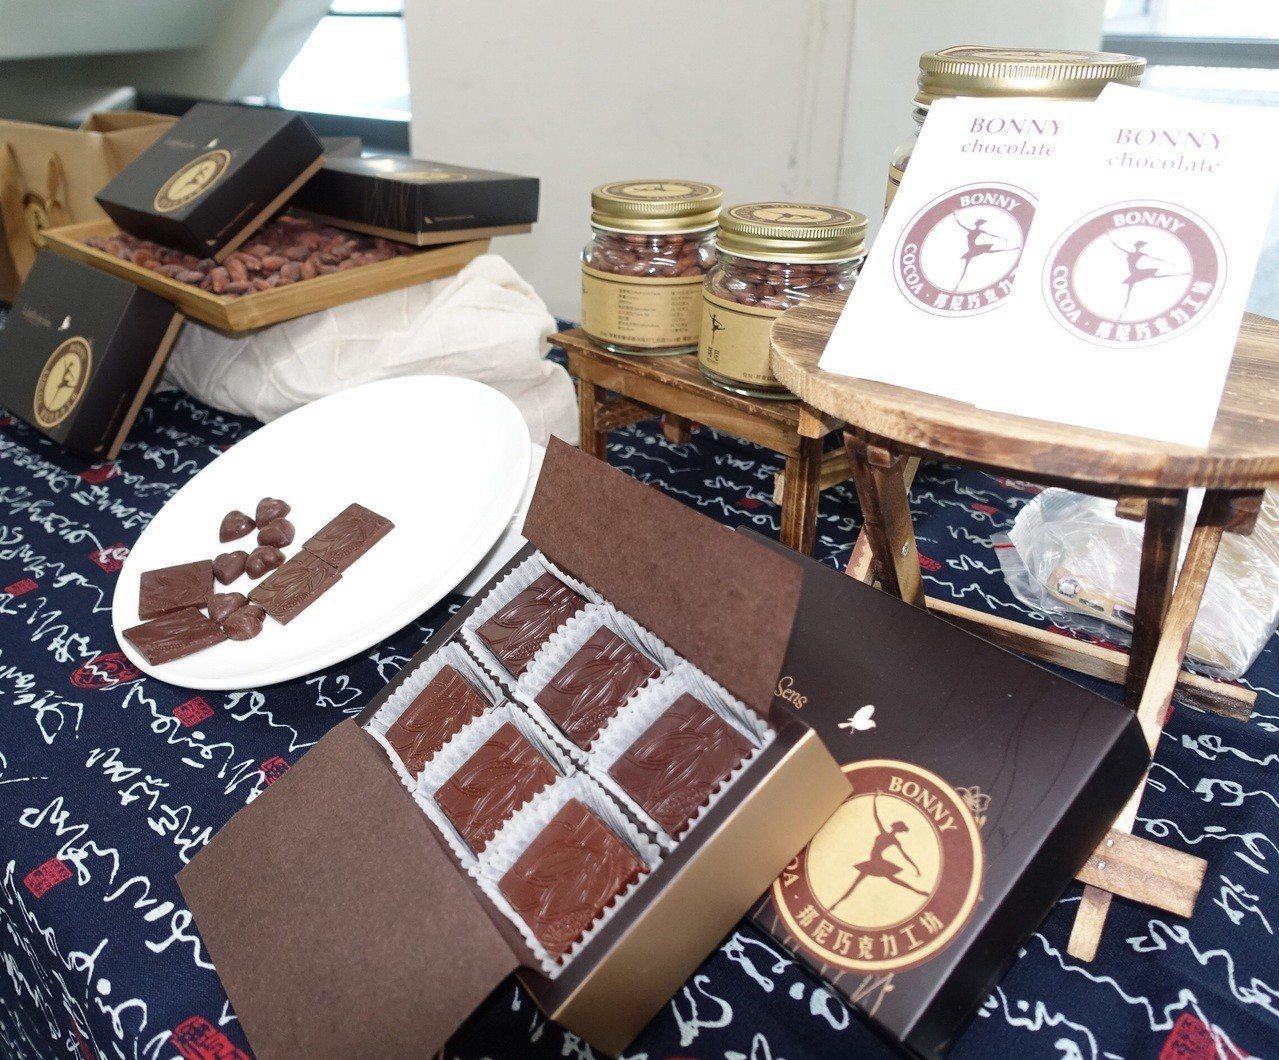 屏東縣的本土巧克力品牌愈來愈多。圖/本報資料照